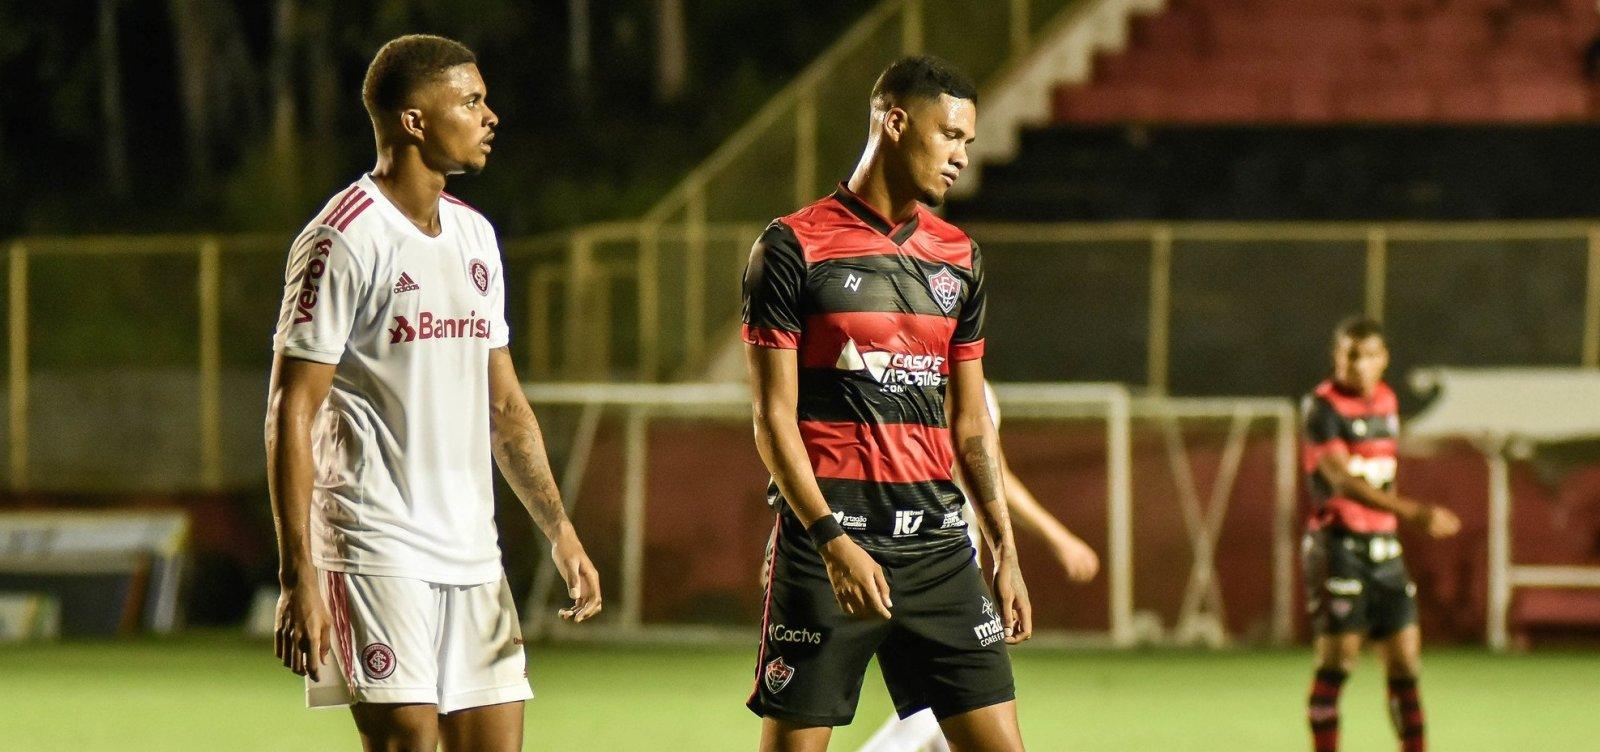 Com estreia de Ramon Menezes, Leão tenta virada no Beira-Rio para alcançar oitavas da Copa do Brasil